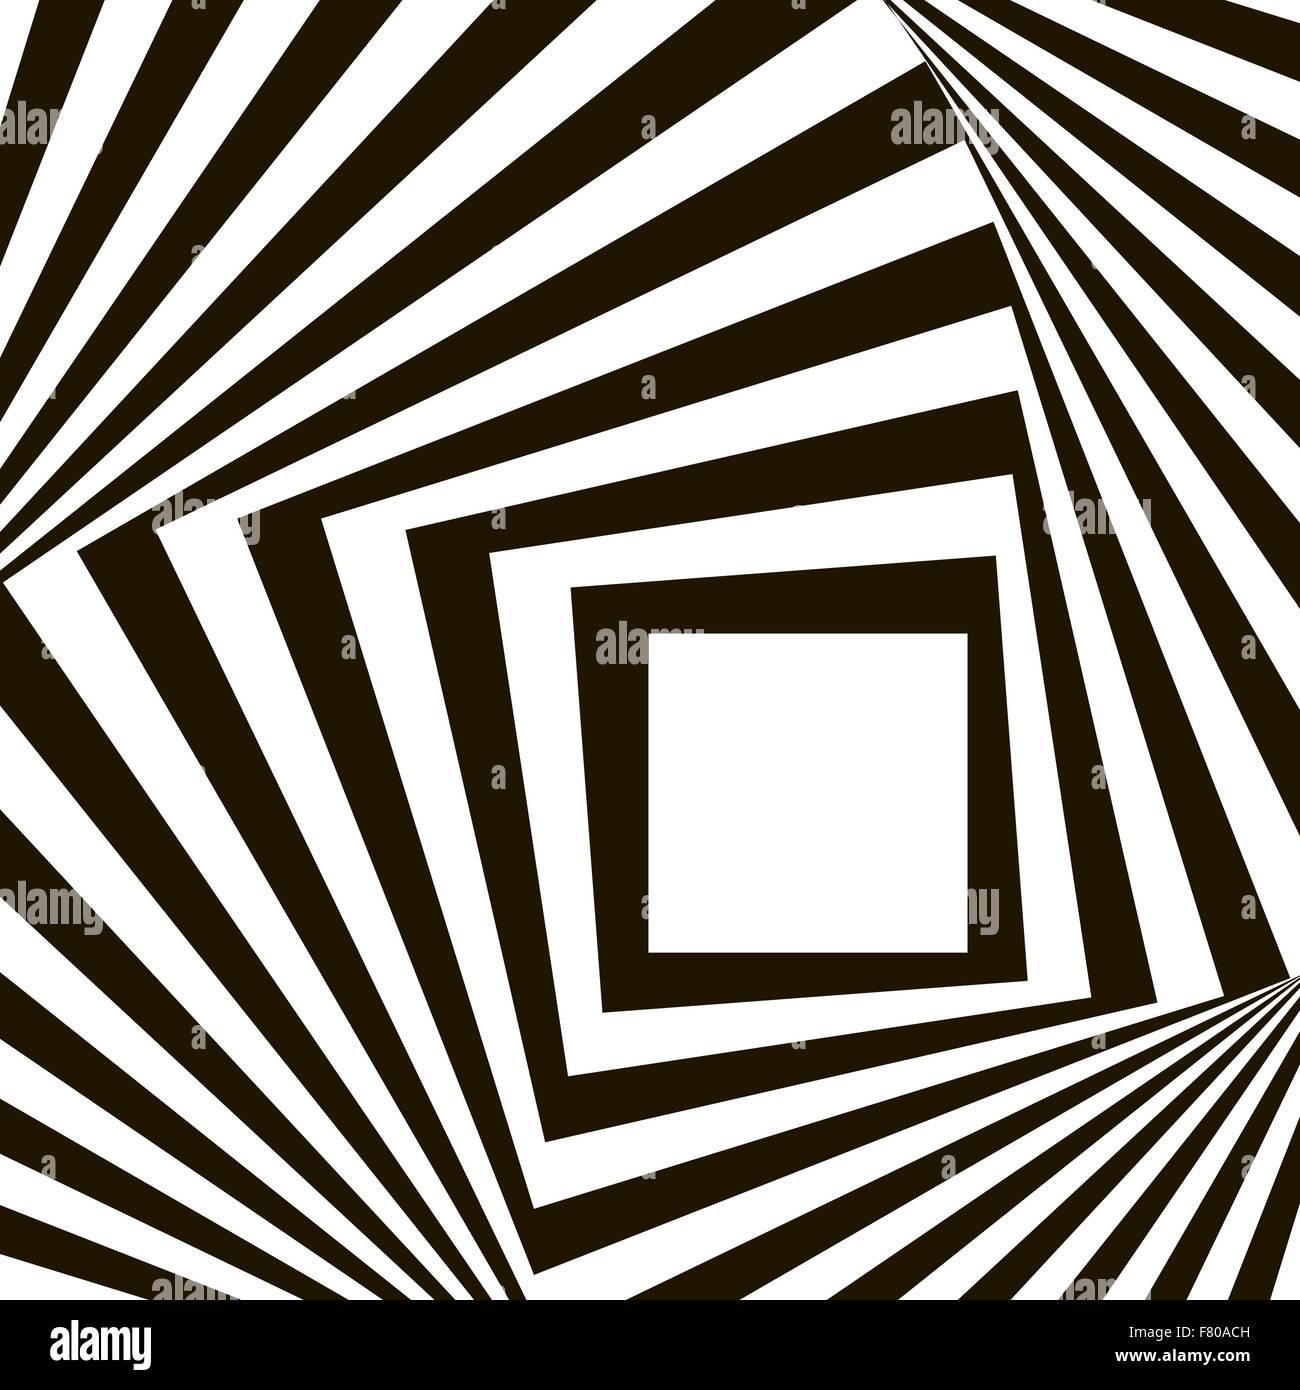 Geometrische schwarz-weiß Vektormuster Stockbild